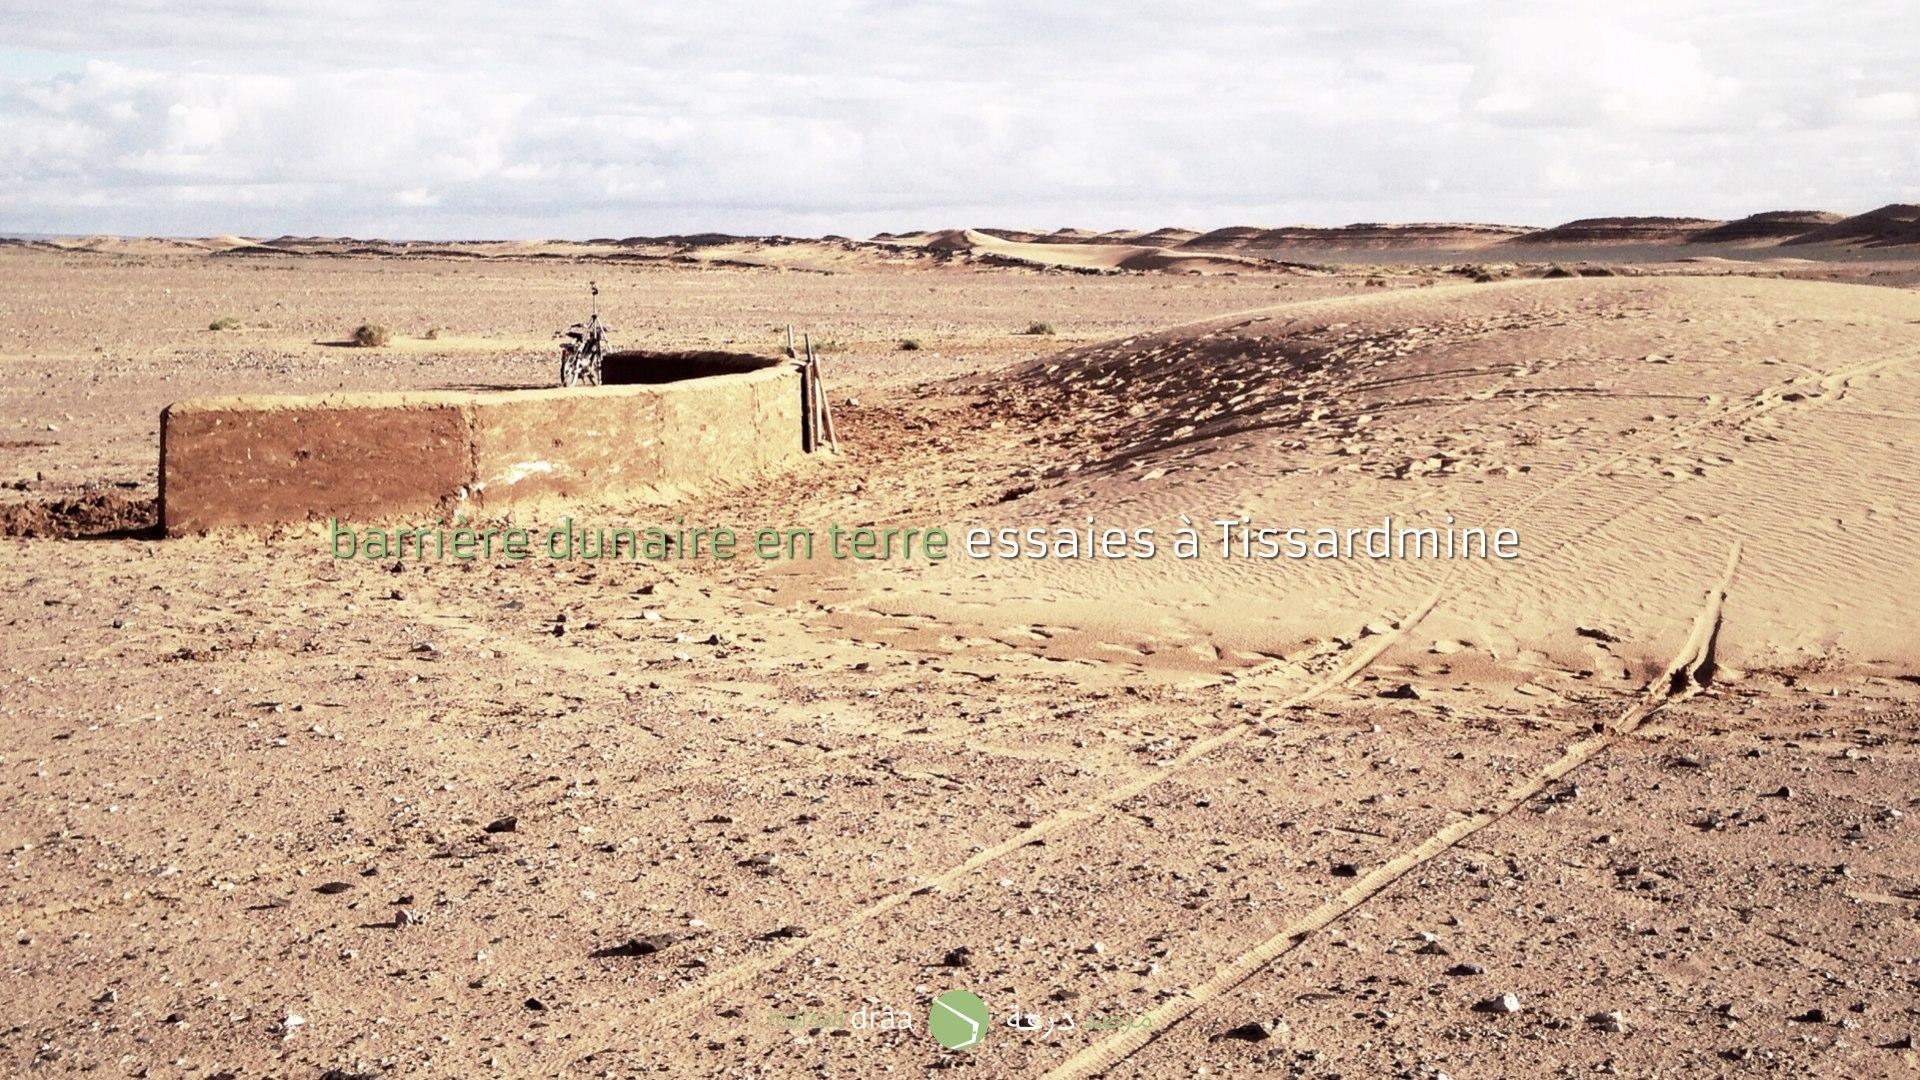 Avec l'aide de Cafe Tissardmine et des habitants du village, on a construit un mur courbe (qui aura deux niveaux) et qui nous permettra d'observer et étudier le comportement de la dune face à cet obstacle. - pourra le mur arrêter l'avancement de la dune? - sera le mur dépassé par le sable? Par où? Pourrait-on dévier le parcours de la dune? - pourra une forme aérodynamique être plus utile à l'heure de construire une maison, de telle sorte qu'elle permette le libre parcours de la dune, sans avoir besoin de désensabler la maison?